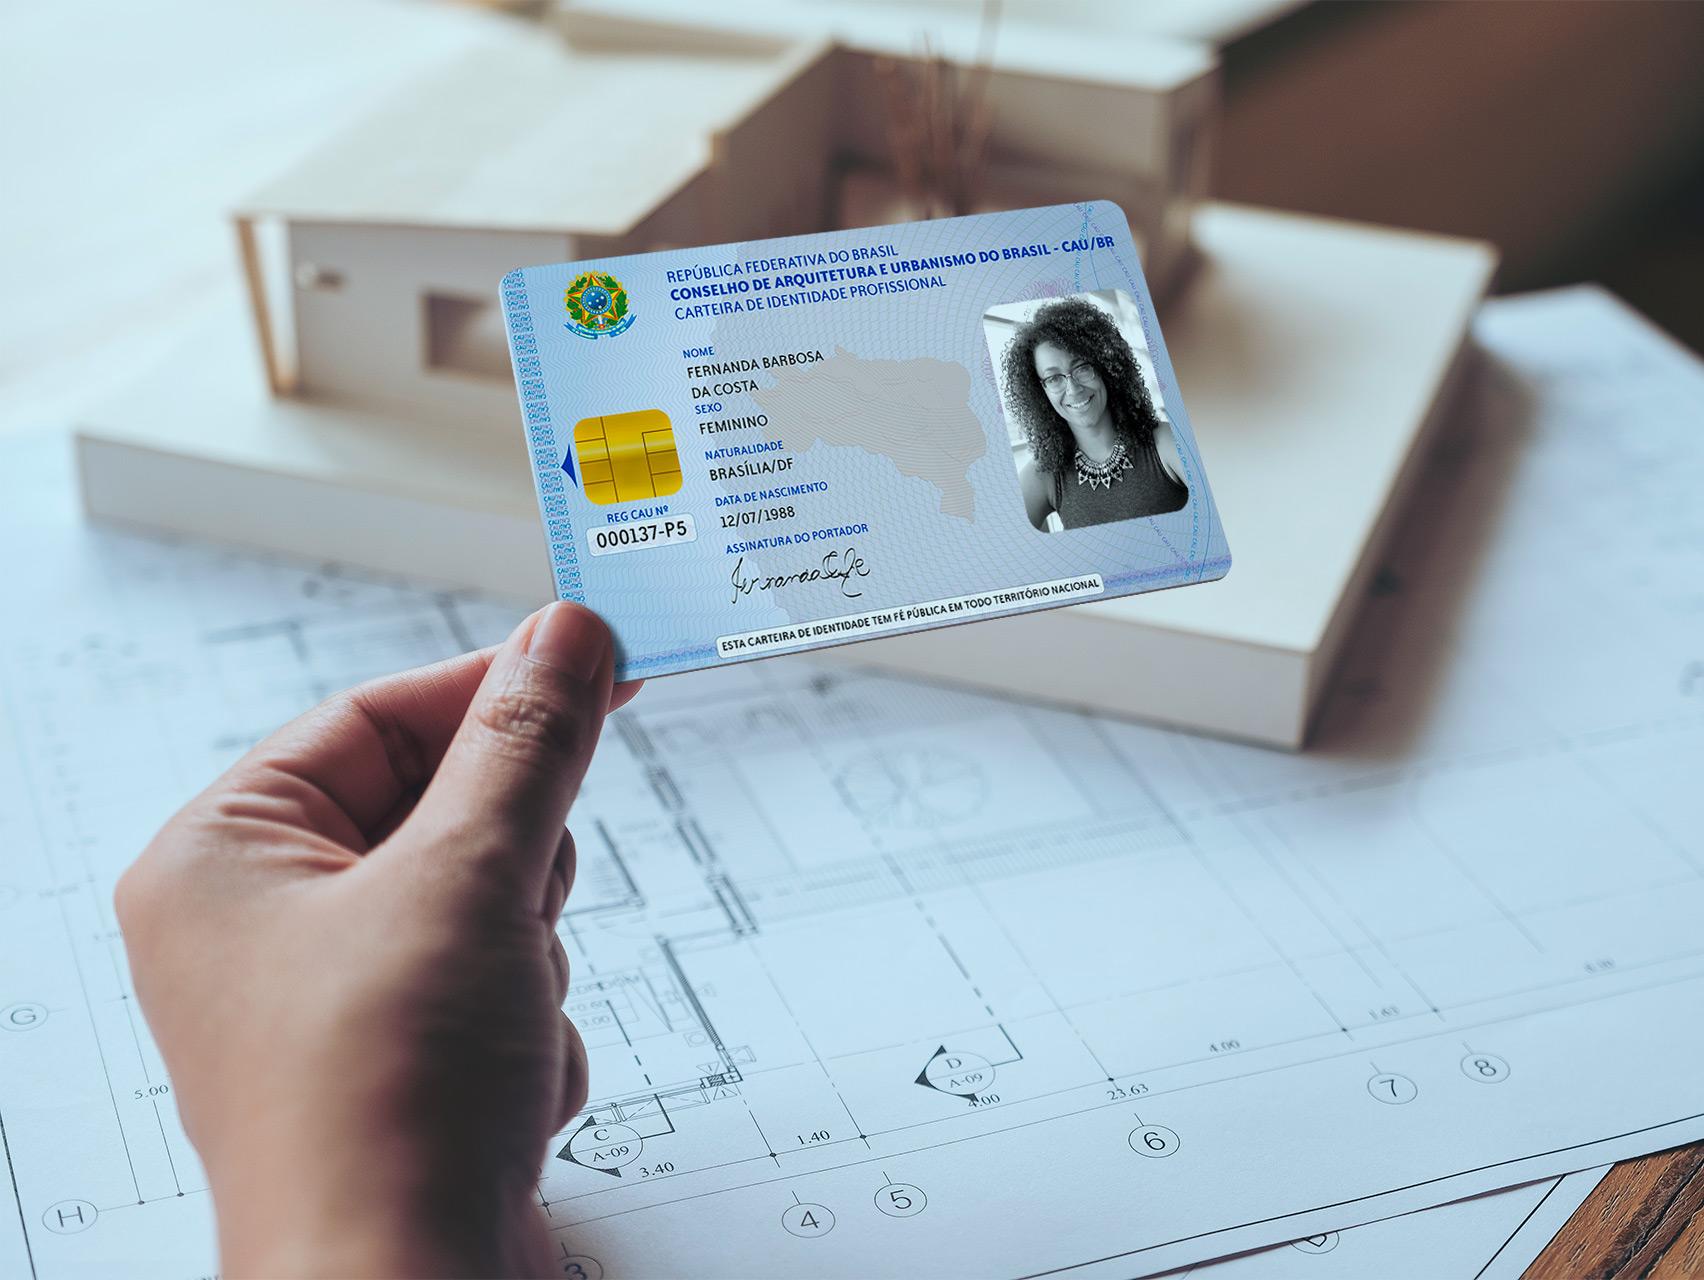 Carteira profissional CAU certificado Digital